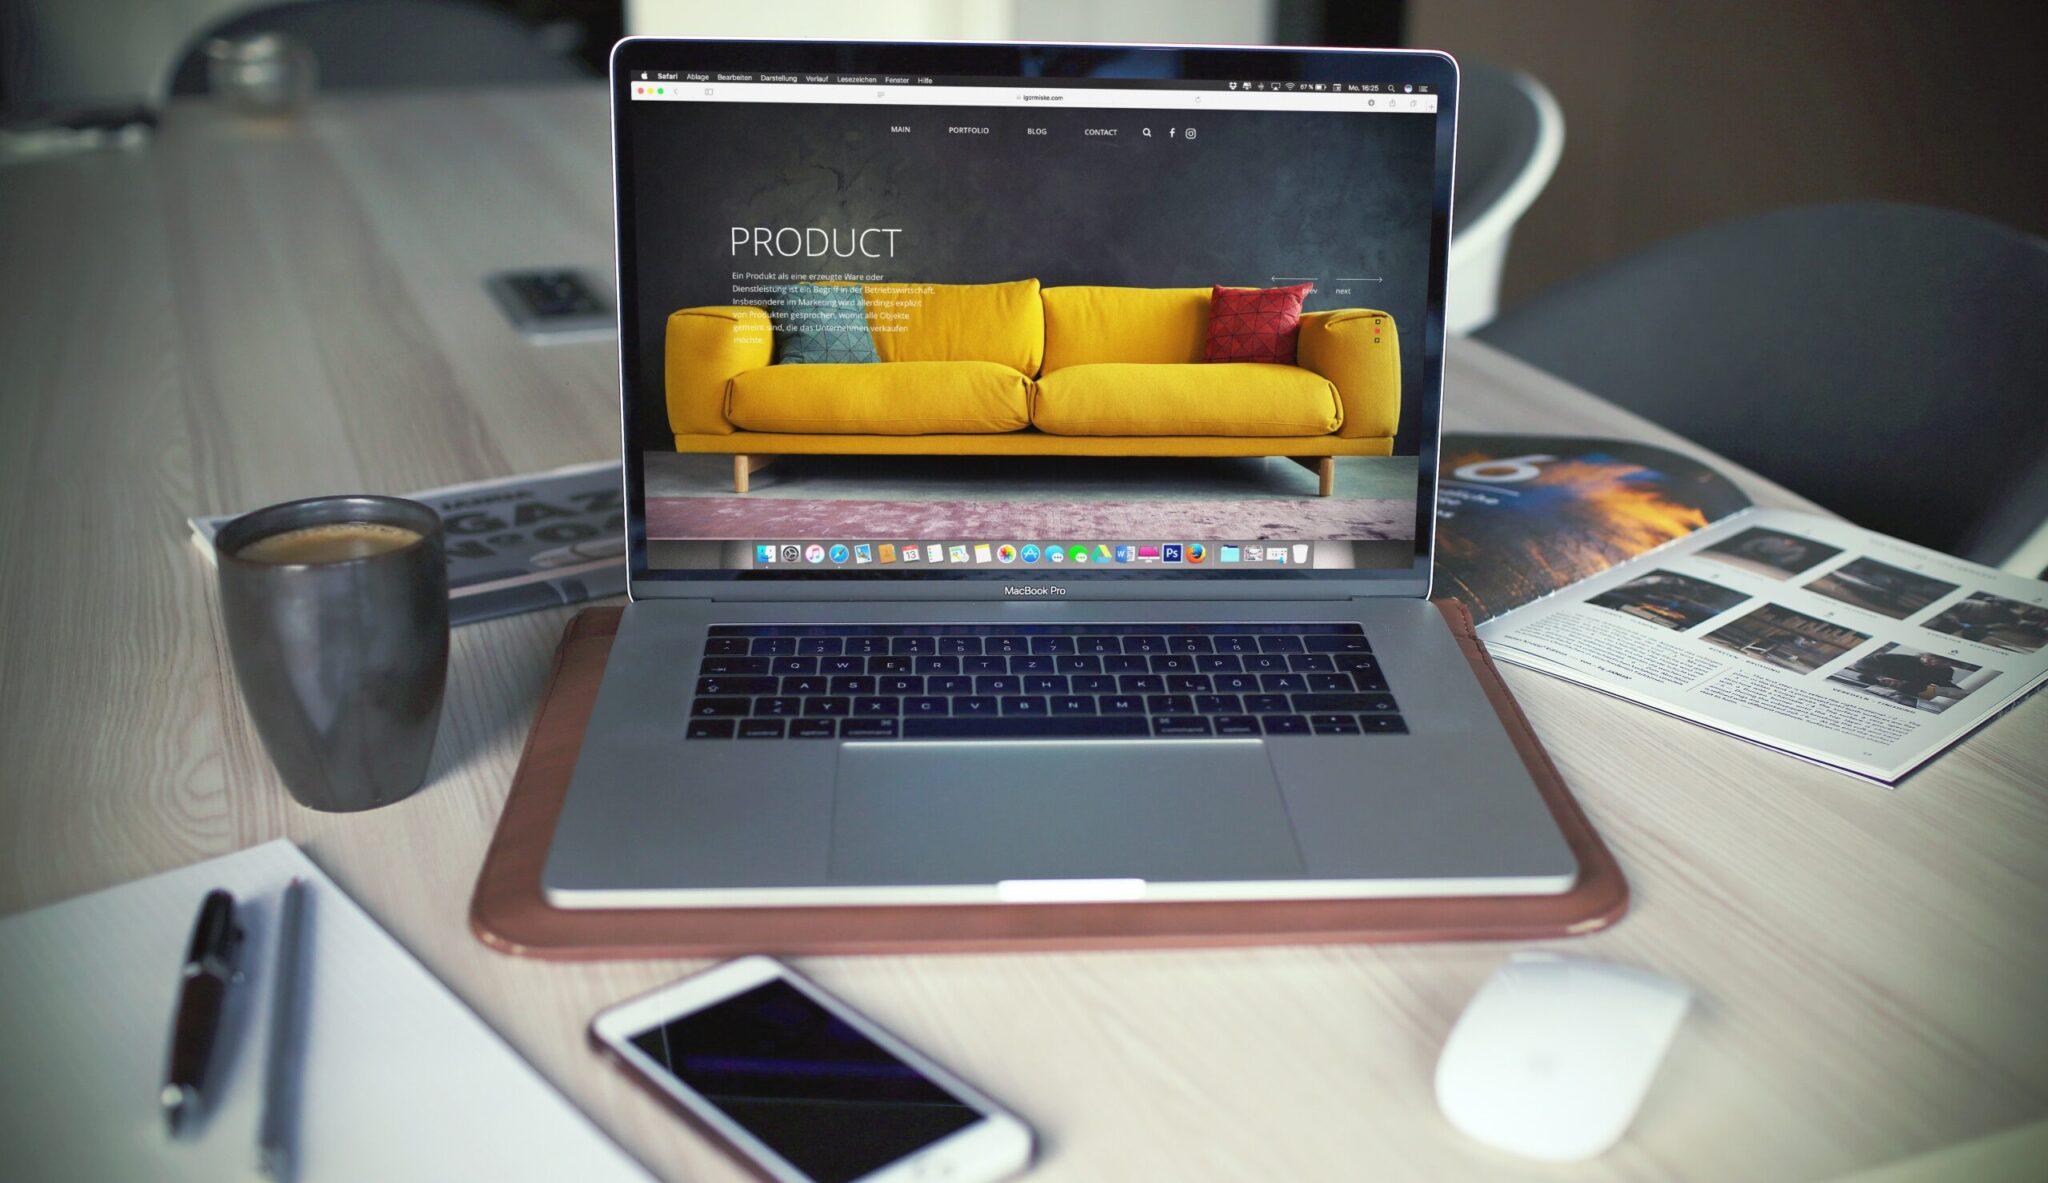 Devi arredare casa nuovao fare un restyling pensando di comprare su internet? Non temere! Acquistare mobili online è comodo e sicuro.